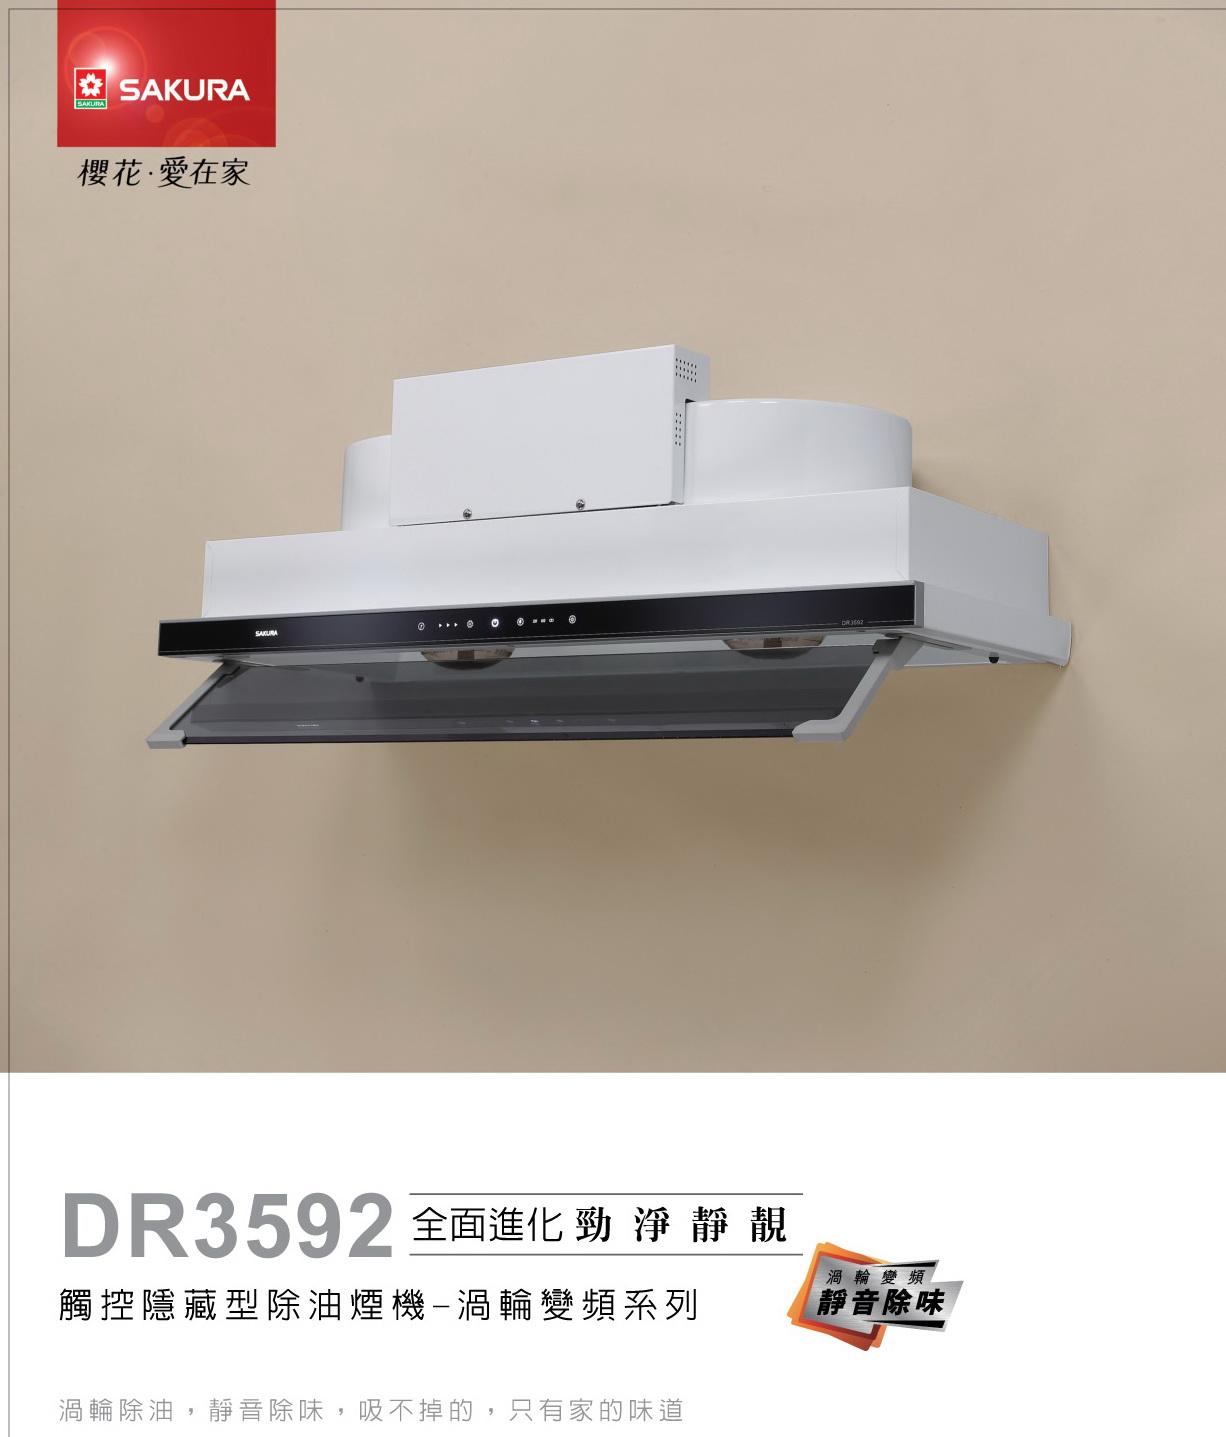 櫻花排油煙機DR3592A觸控隱藏型除油煙機 - 渦輪變頻.jpg